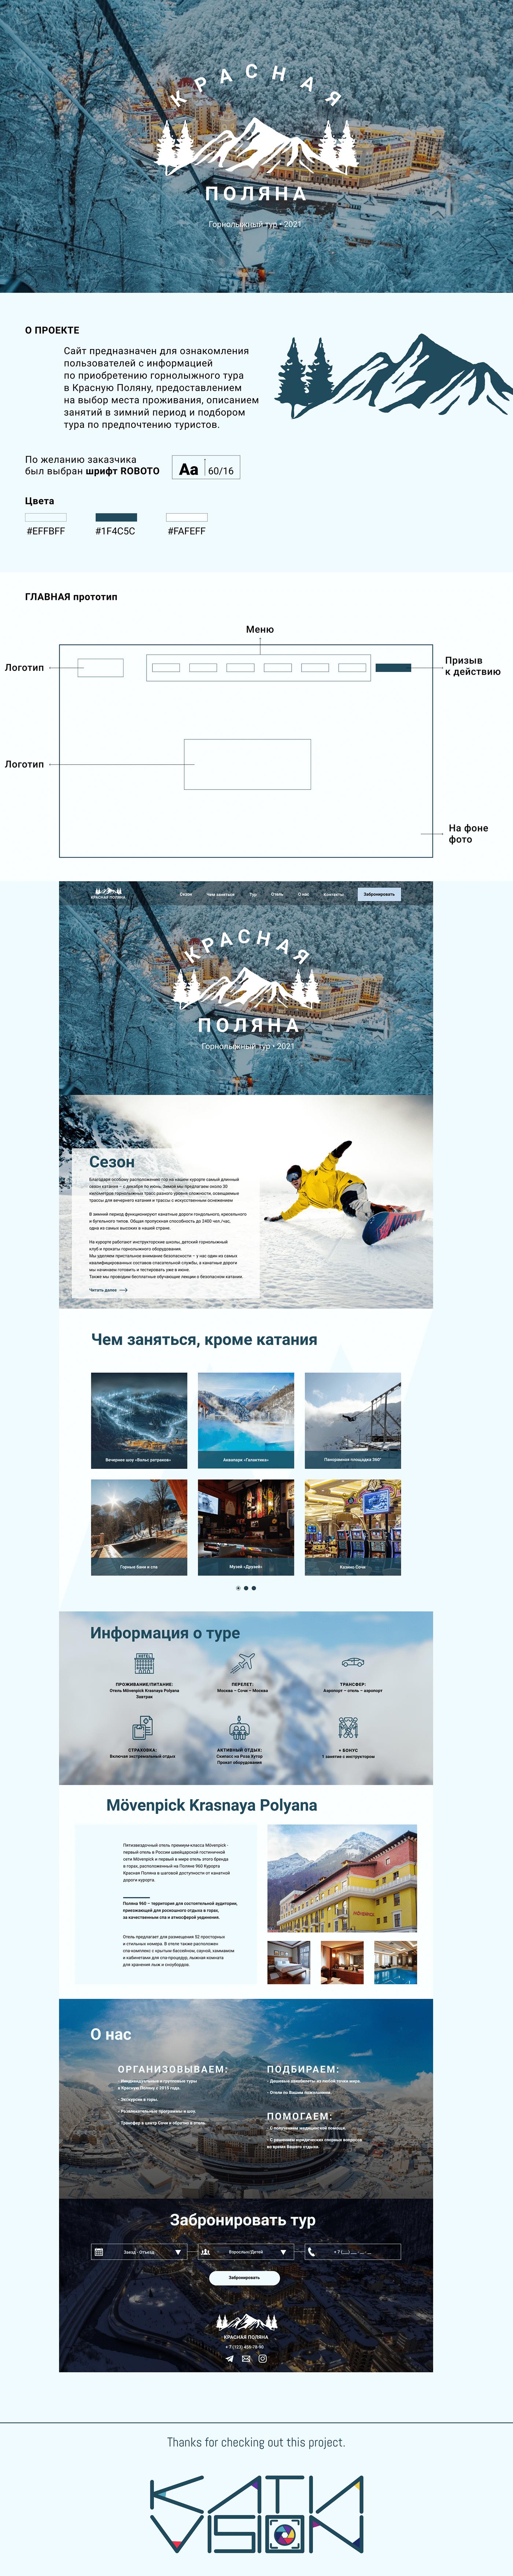 Макет сайта по продаже горнолыжного тура